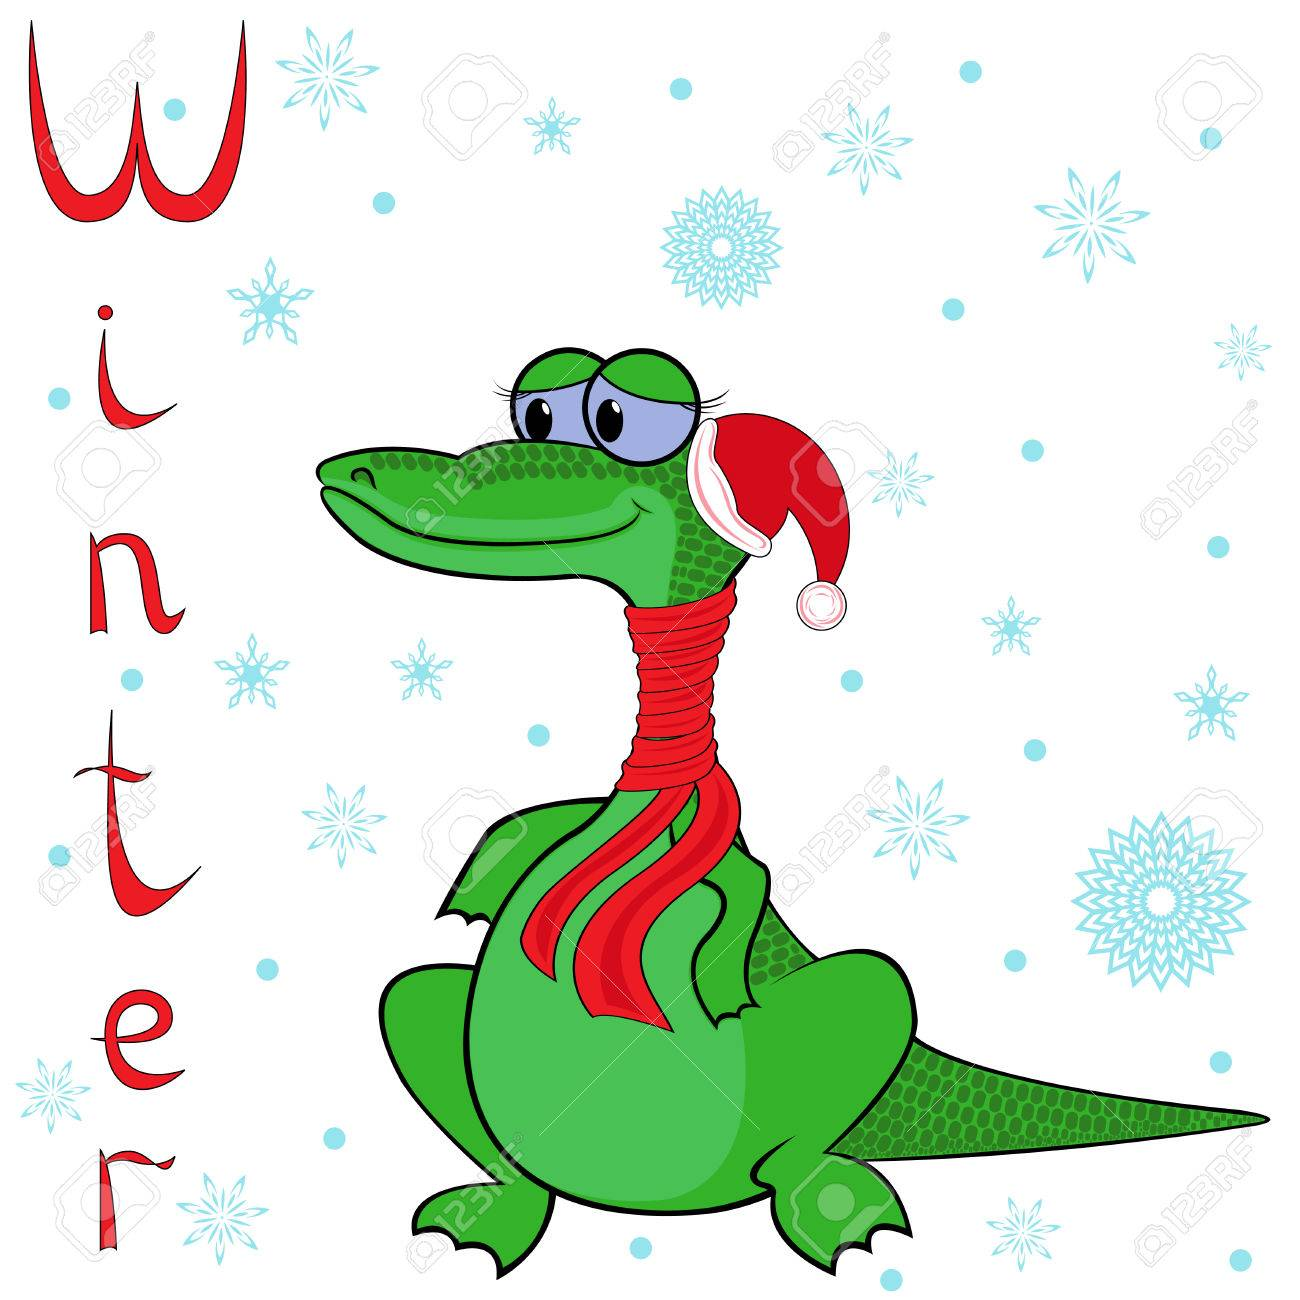 Warum Krokodil Ist So Kalt Im Winter Fröhlich Krokodil In Einem